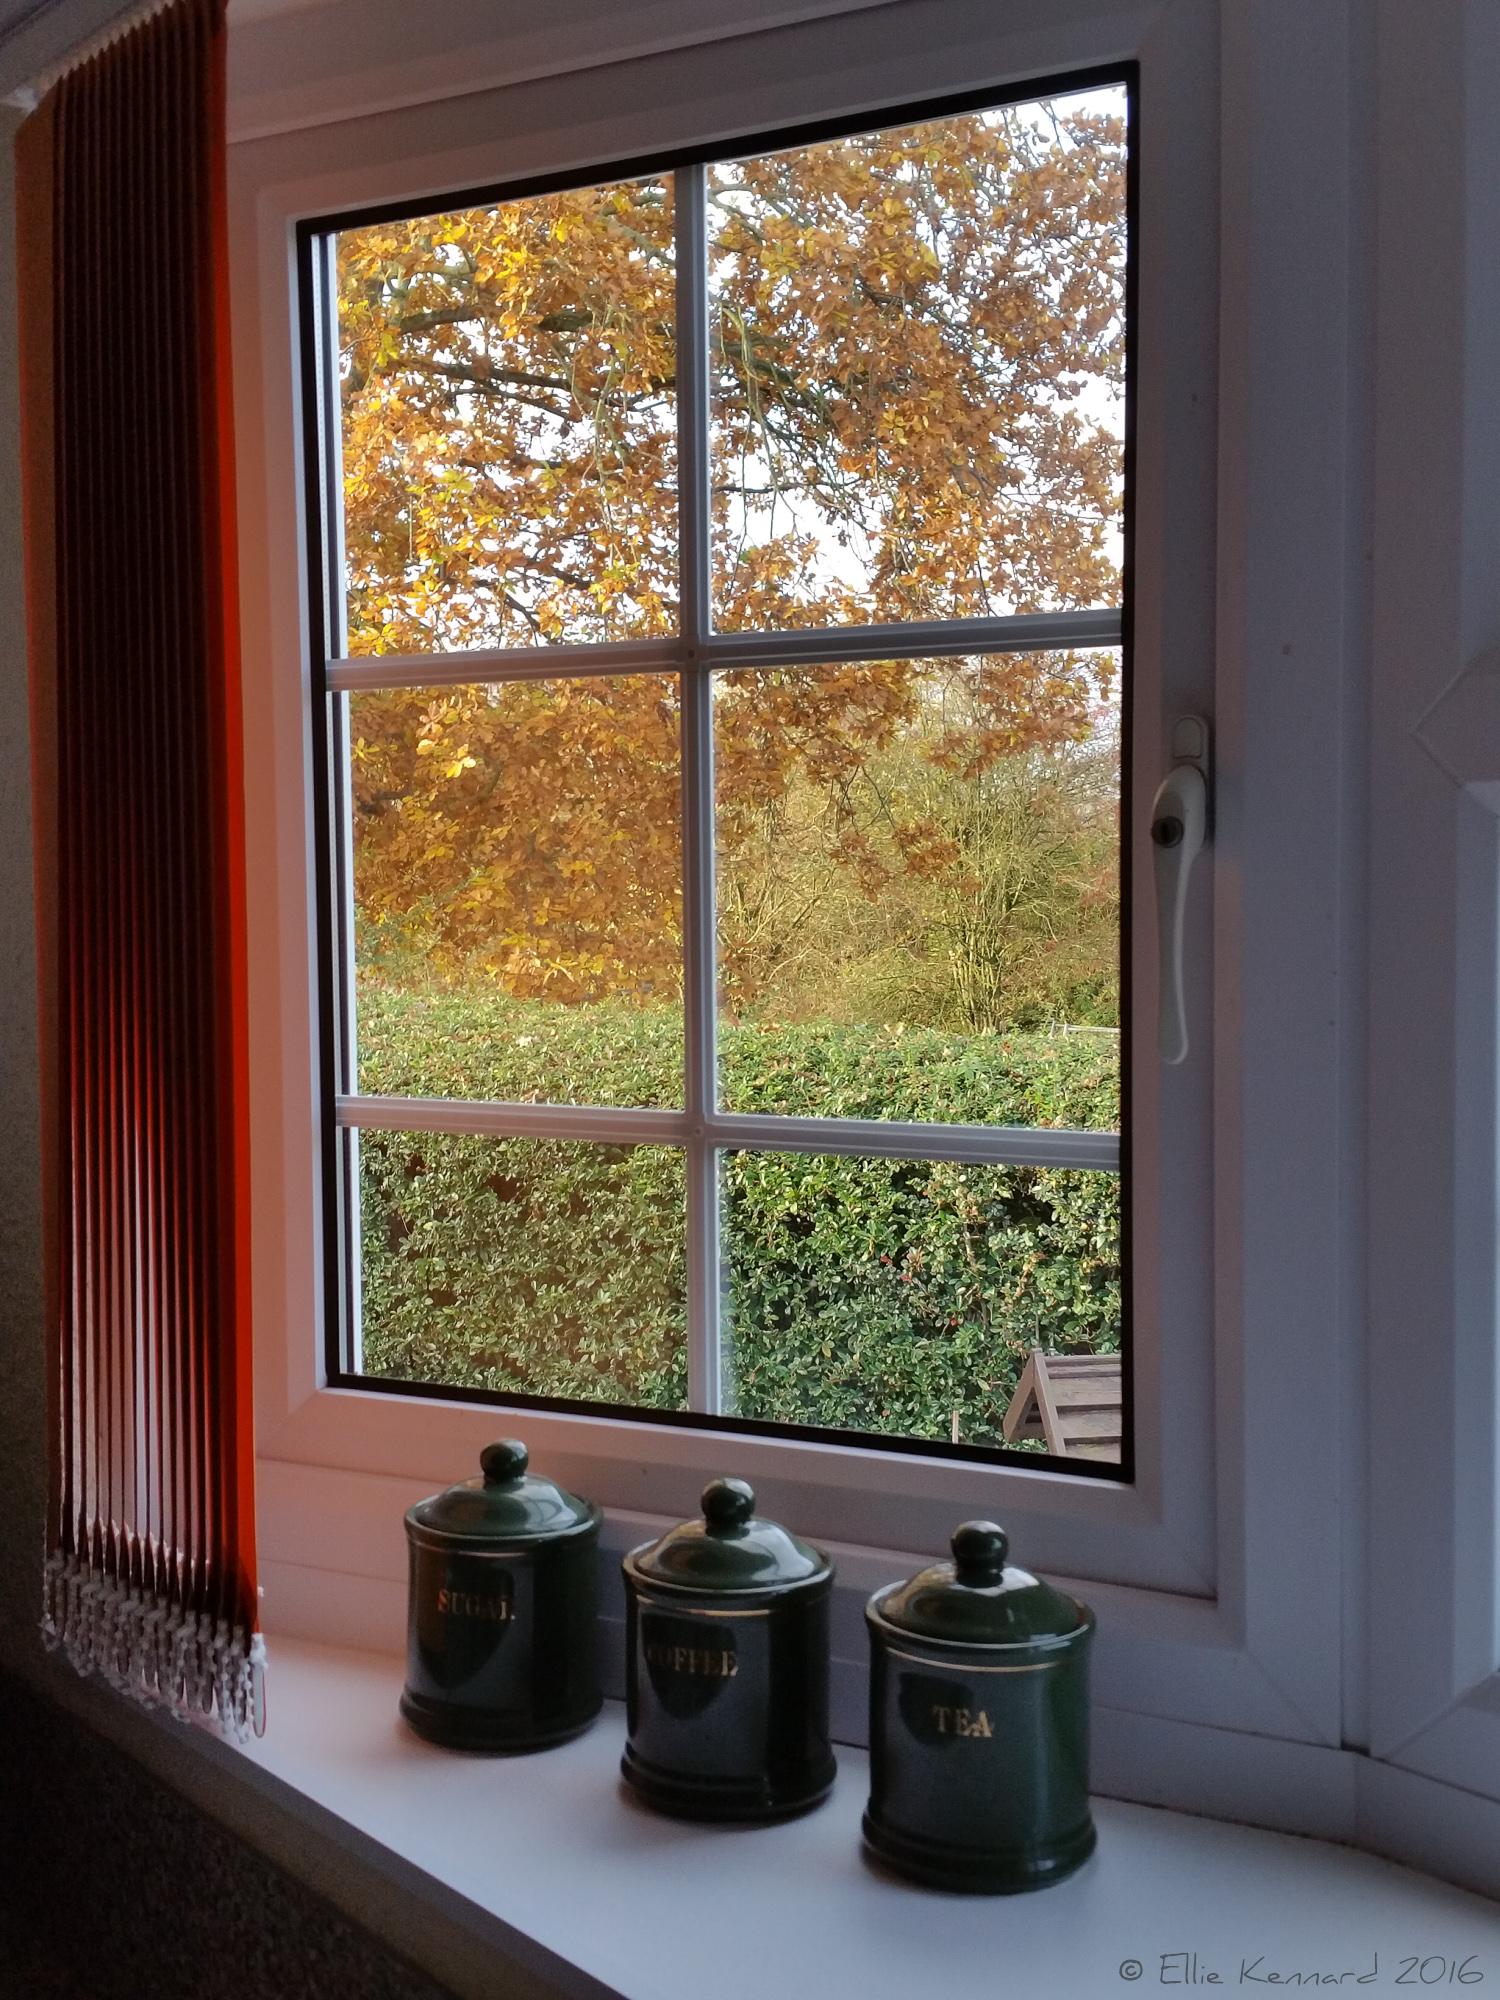 Cottage autumn window - Ellie Kennard 2016